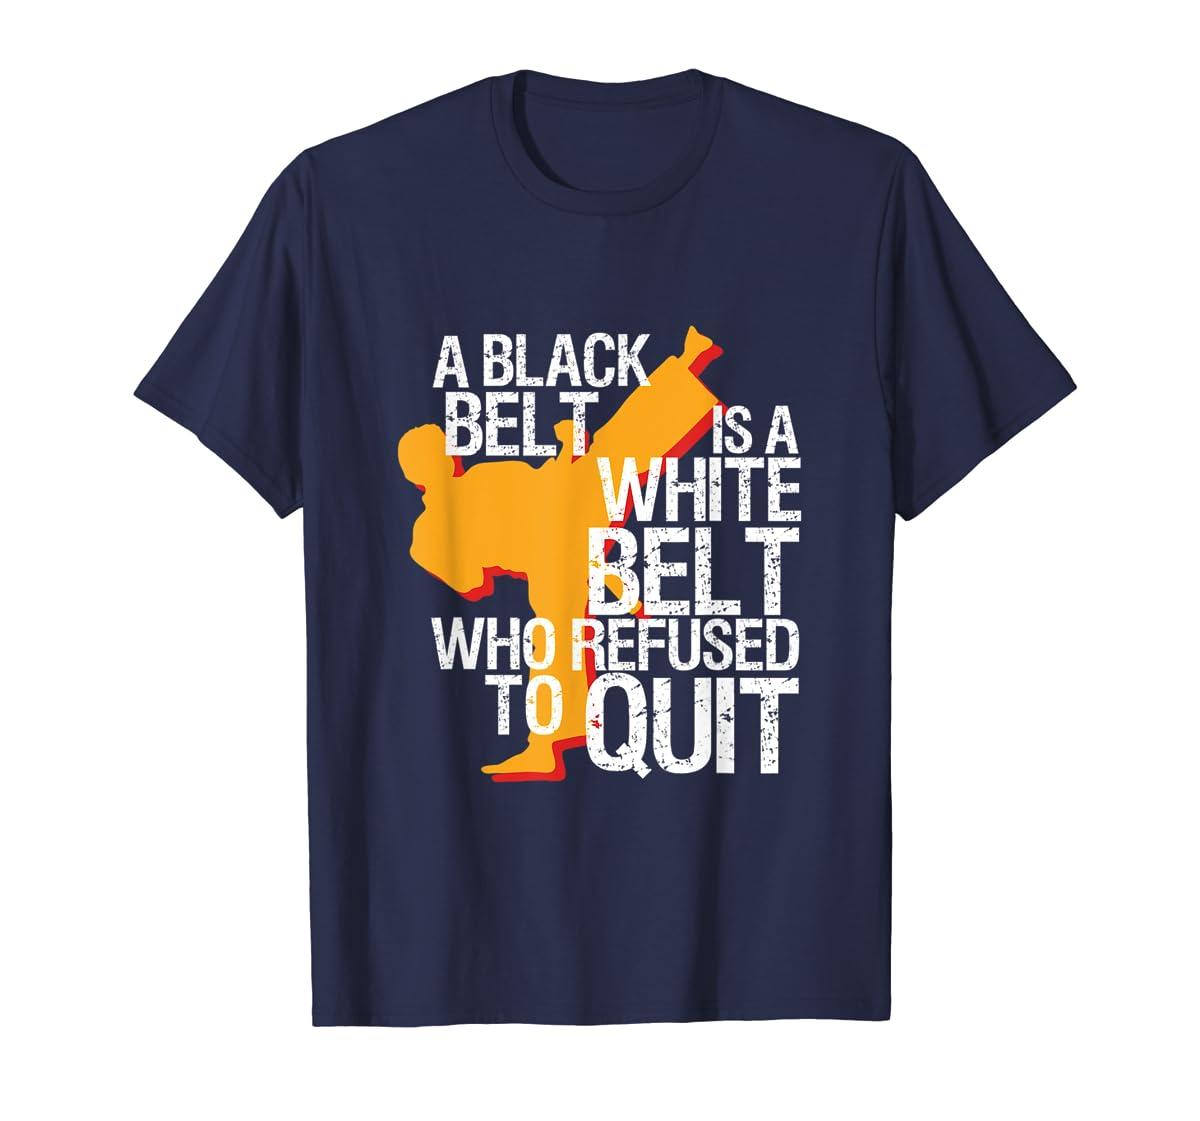 Taekwondo and Karate Black Belt Martial Art Student T-shirt-Men's T-Shirt-Navy